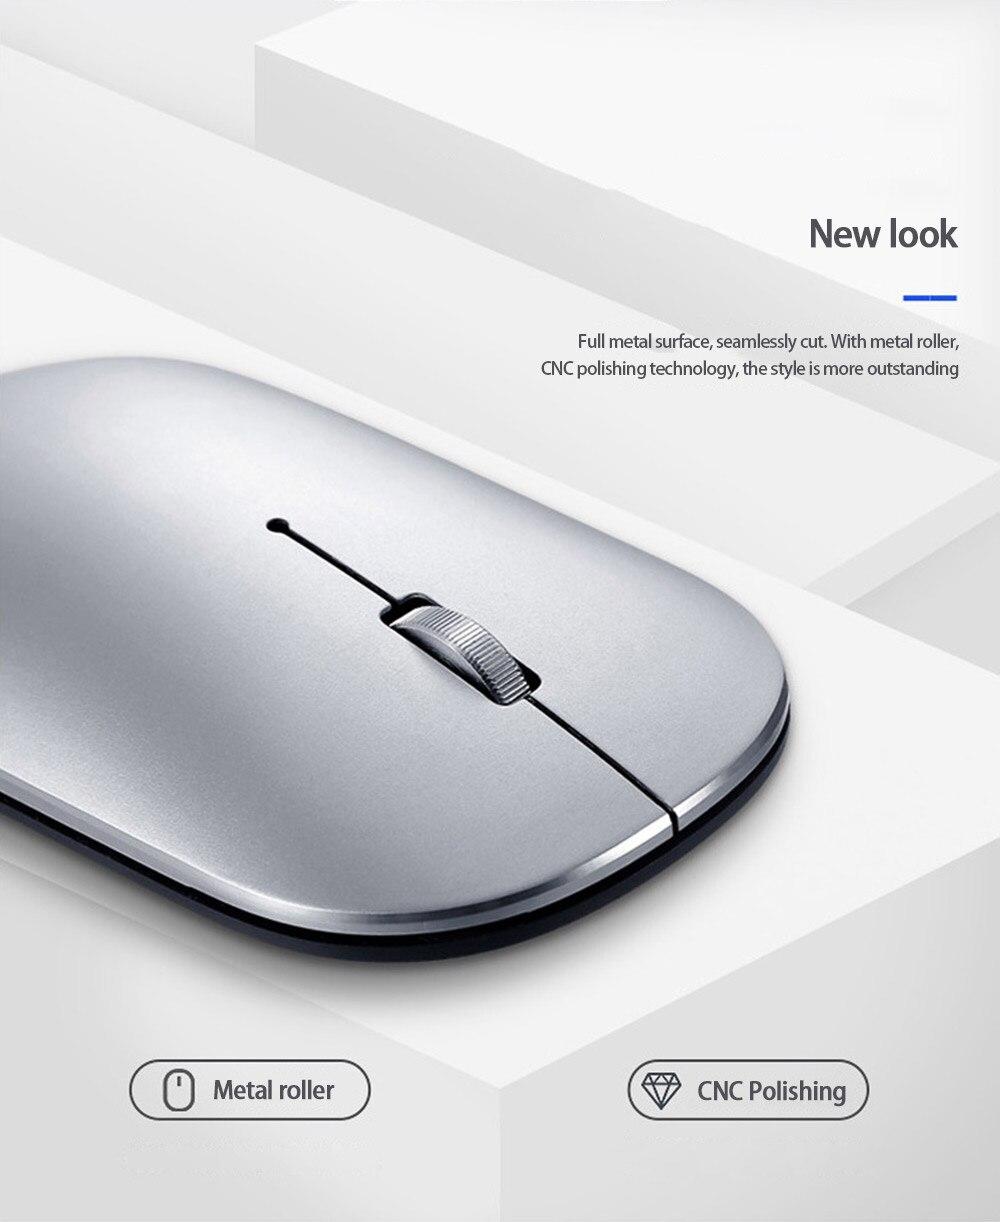 Lenovo thinkpad xiaoxin ar air2 bluetooth mouse sem fio duplo modo com 4 k dpi bluetooth e usb para windows 7 8 10